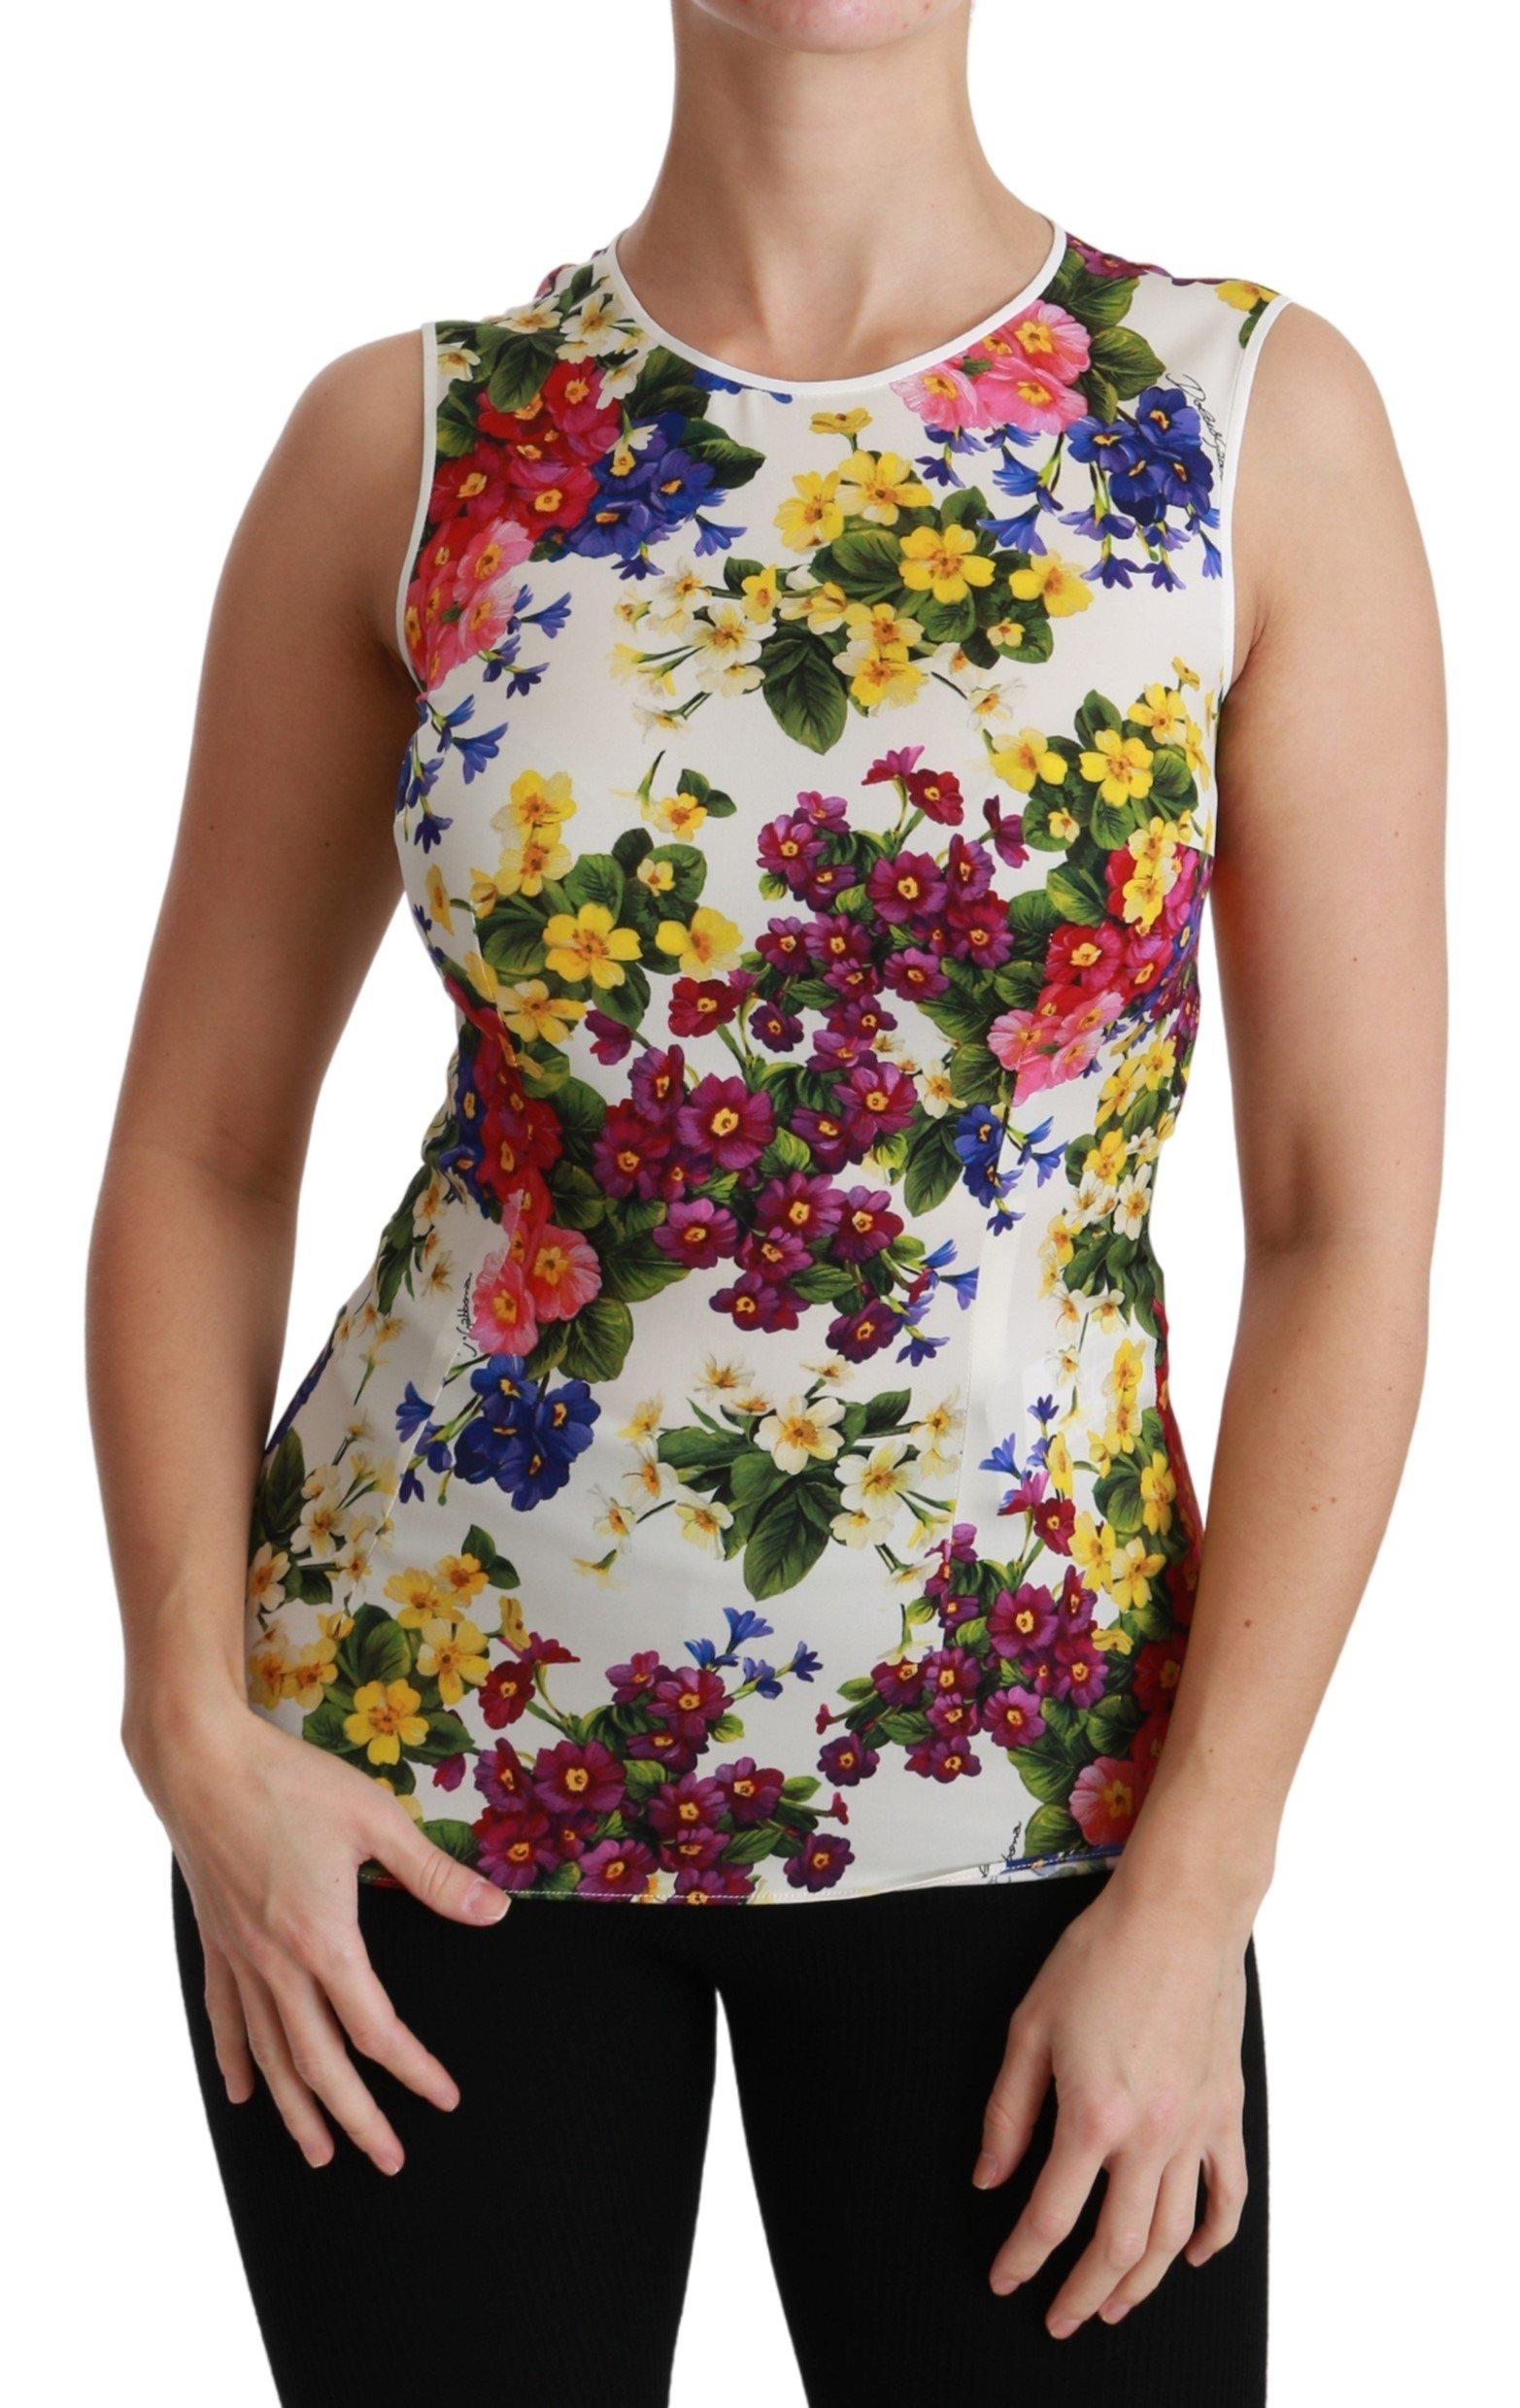 Dolce & Gabbana Women's Floral Sleeveless Top White TSH4477 - IT38|XS